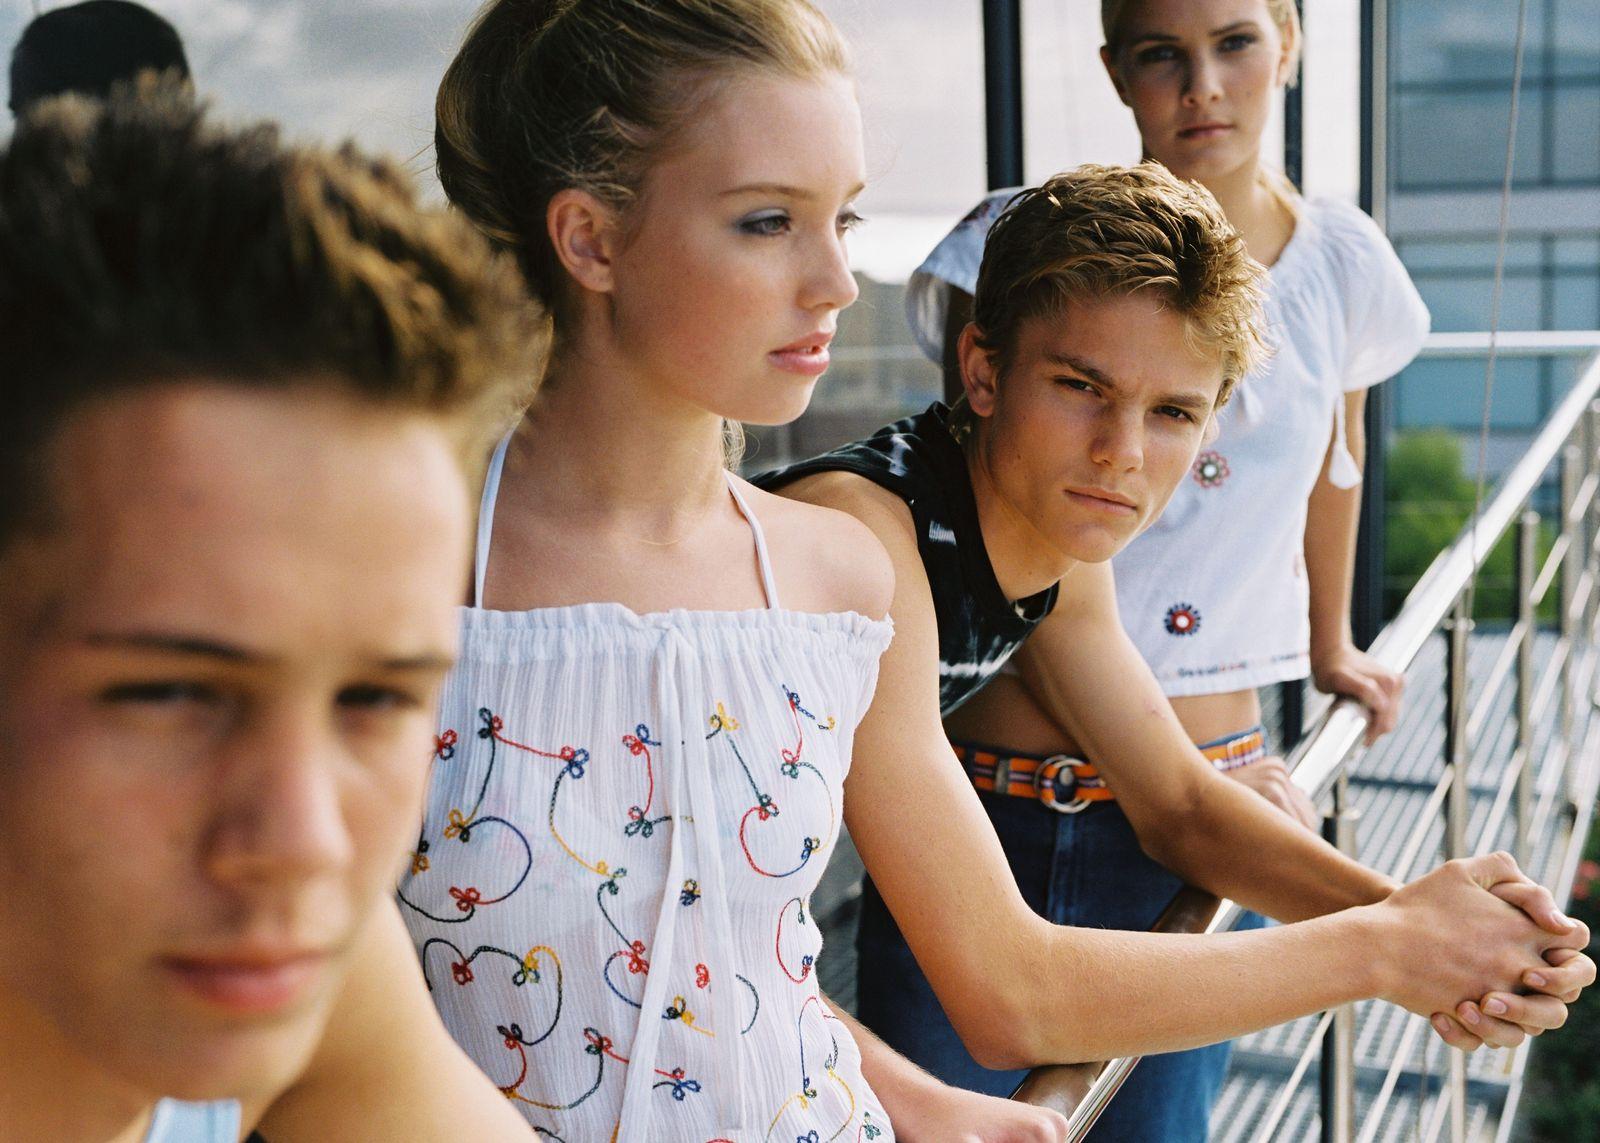 NICHT MEHR VERWENDEN! - Jugendliche / Teenager